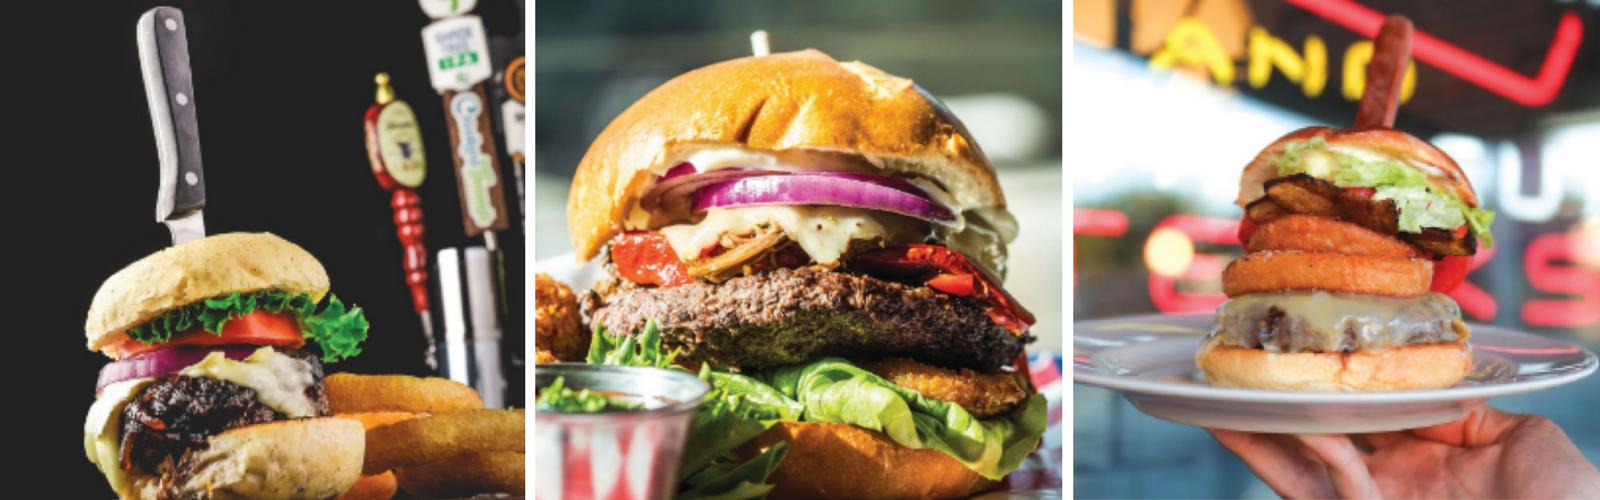 Sarasota's best Burger